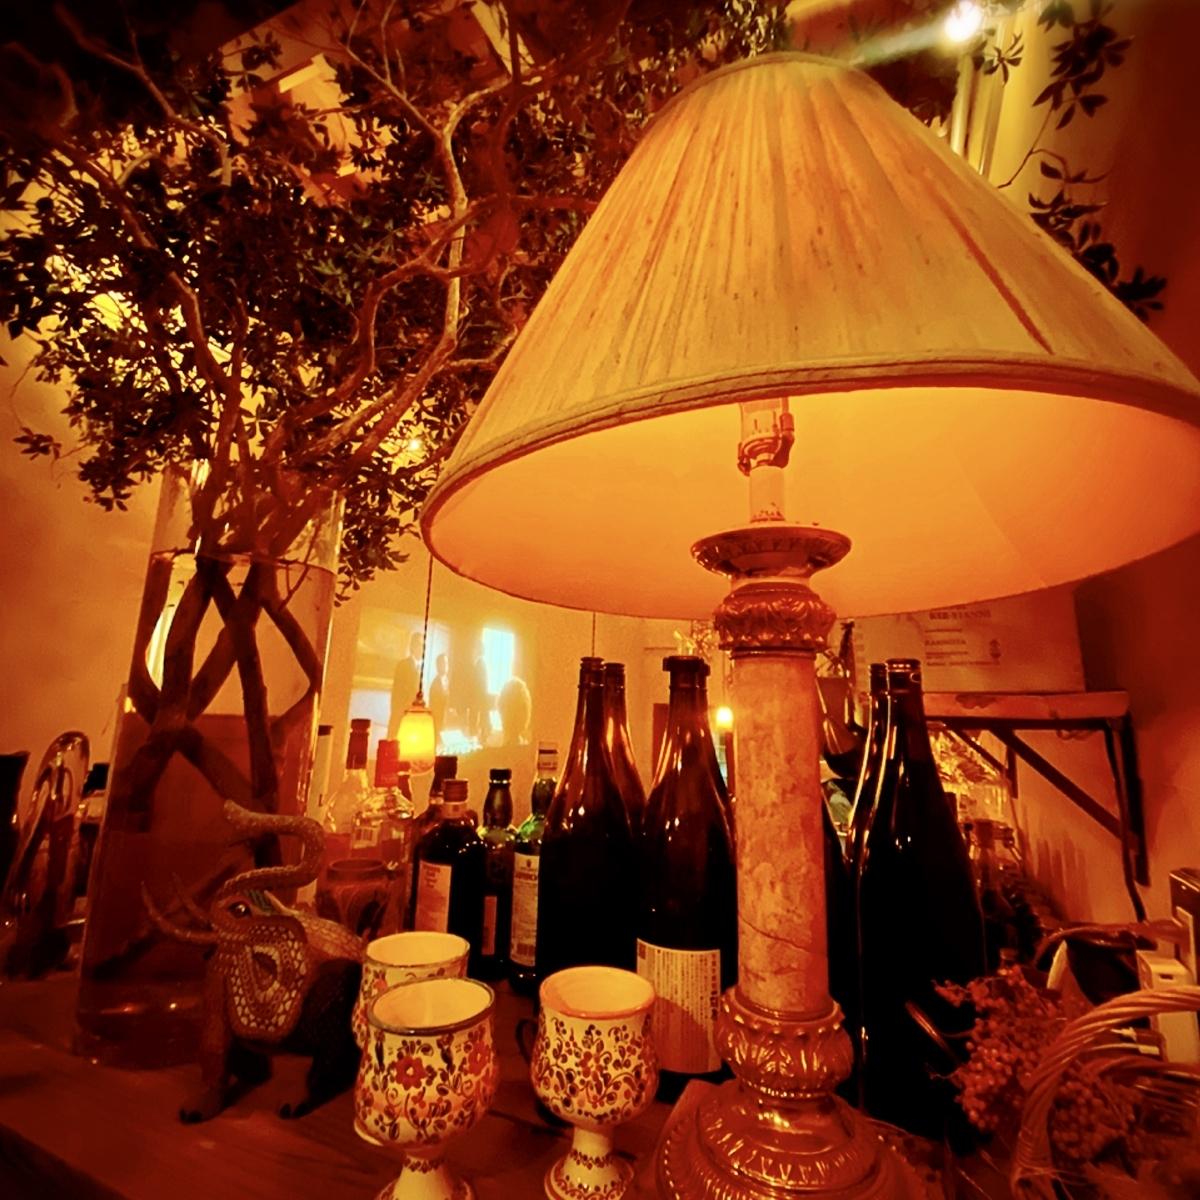 LambCHAN(ラムチャン)の店内写真